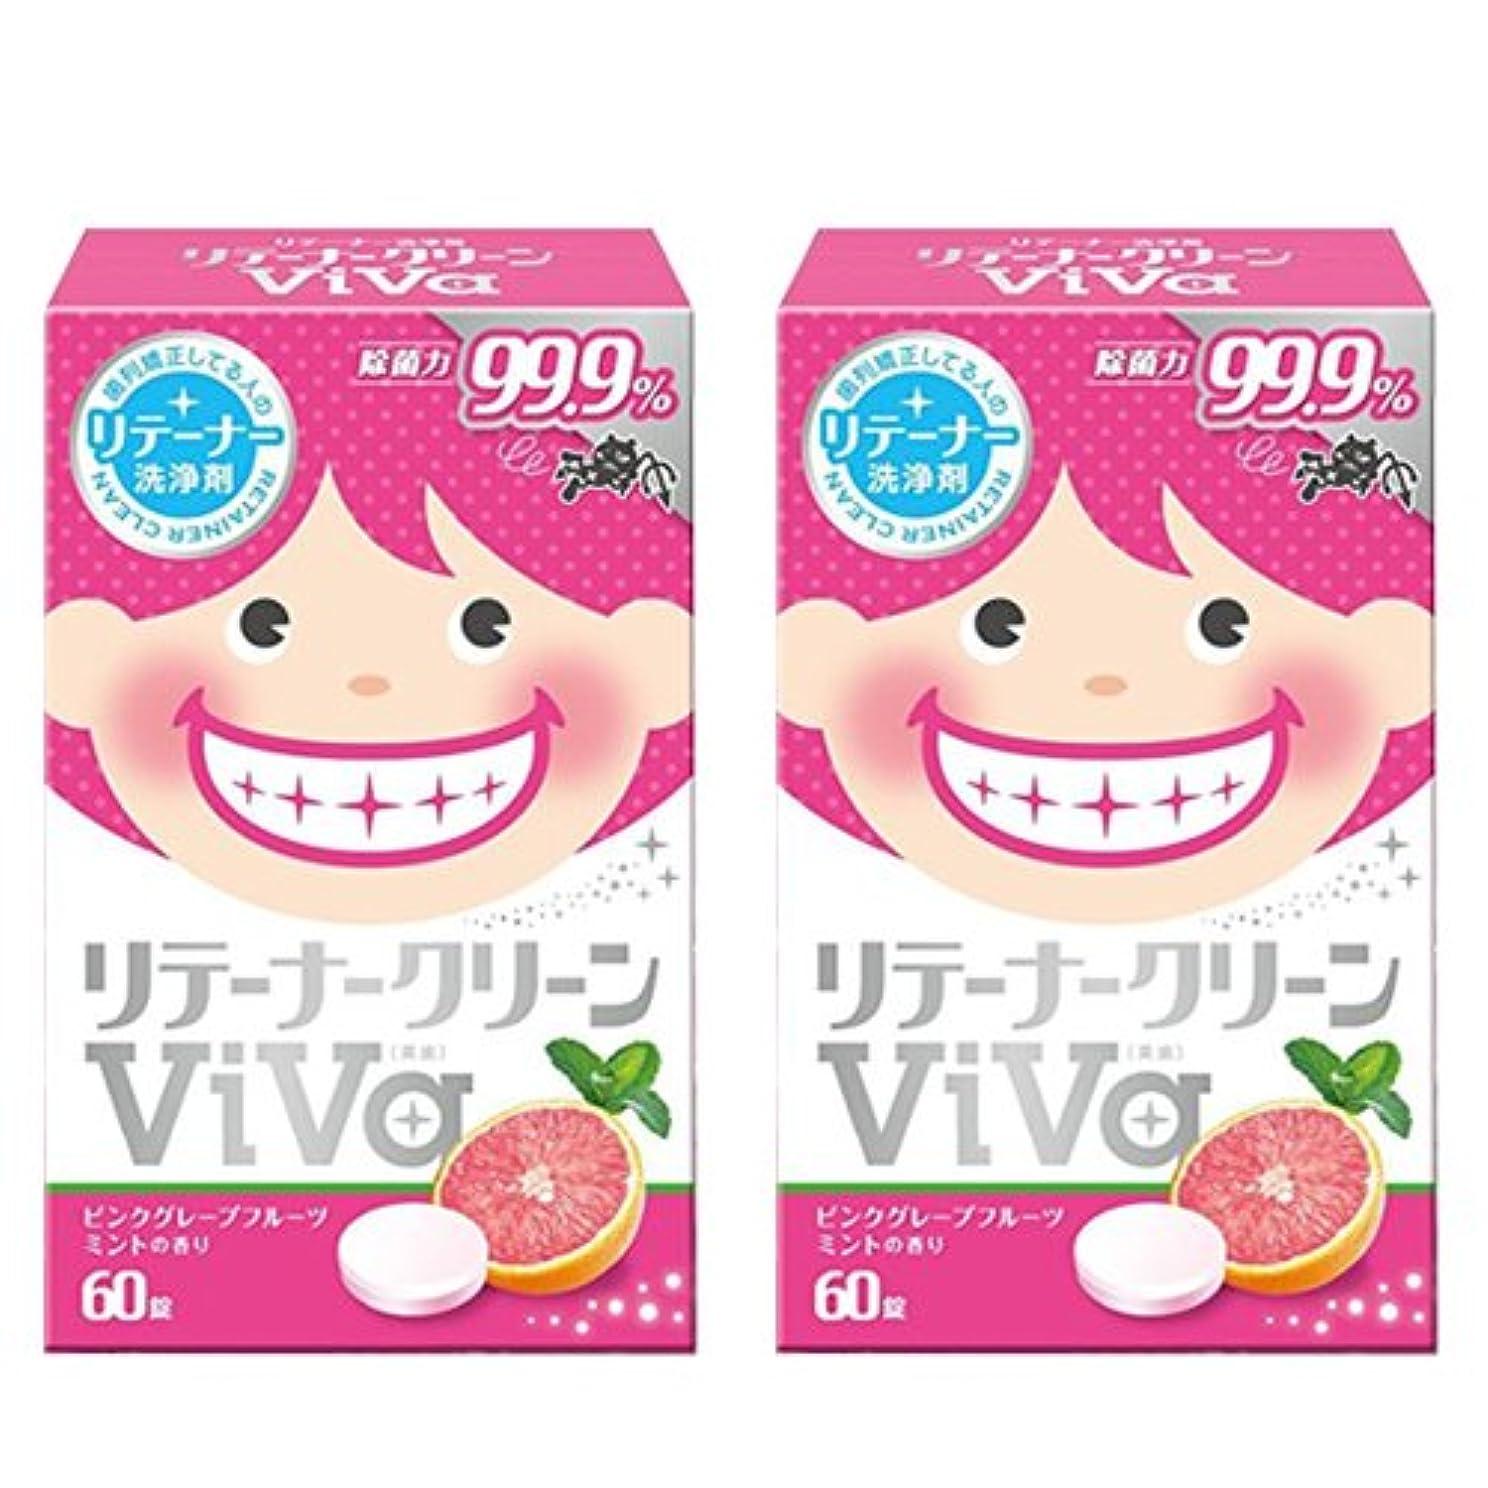 資本レンズ灰リテーナークリーン ViVa 60錠 歯列矯正している人のリテーナー洗浄剤 (2箱)